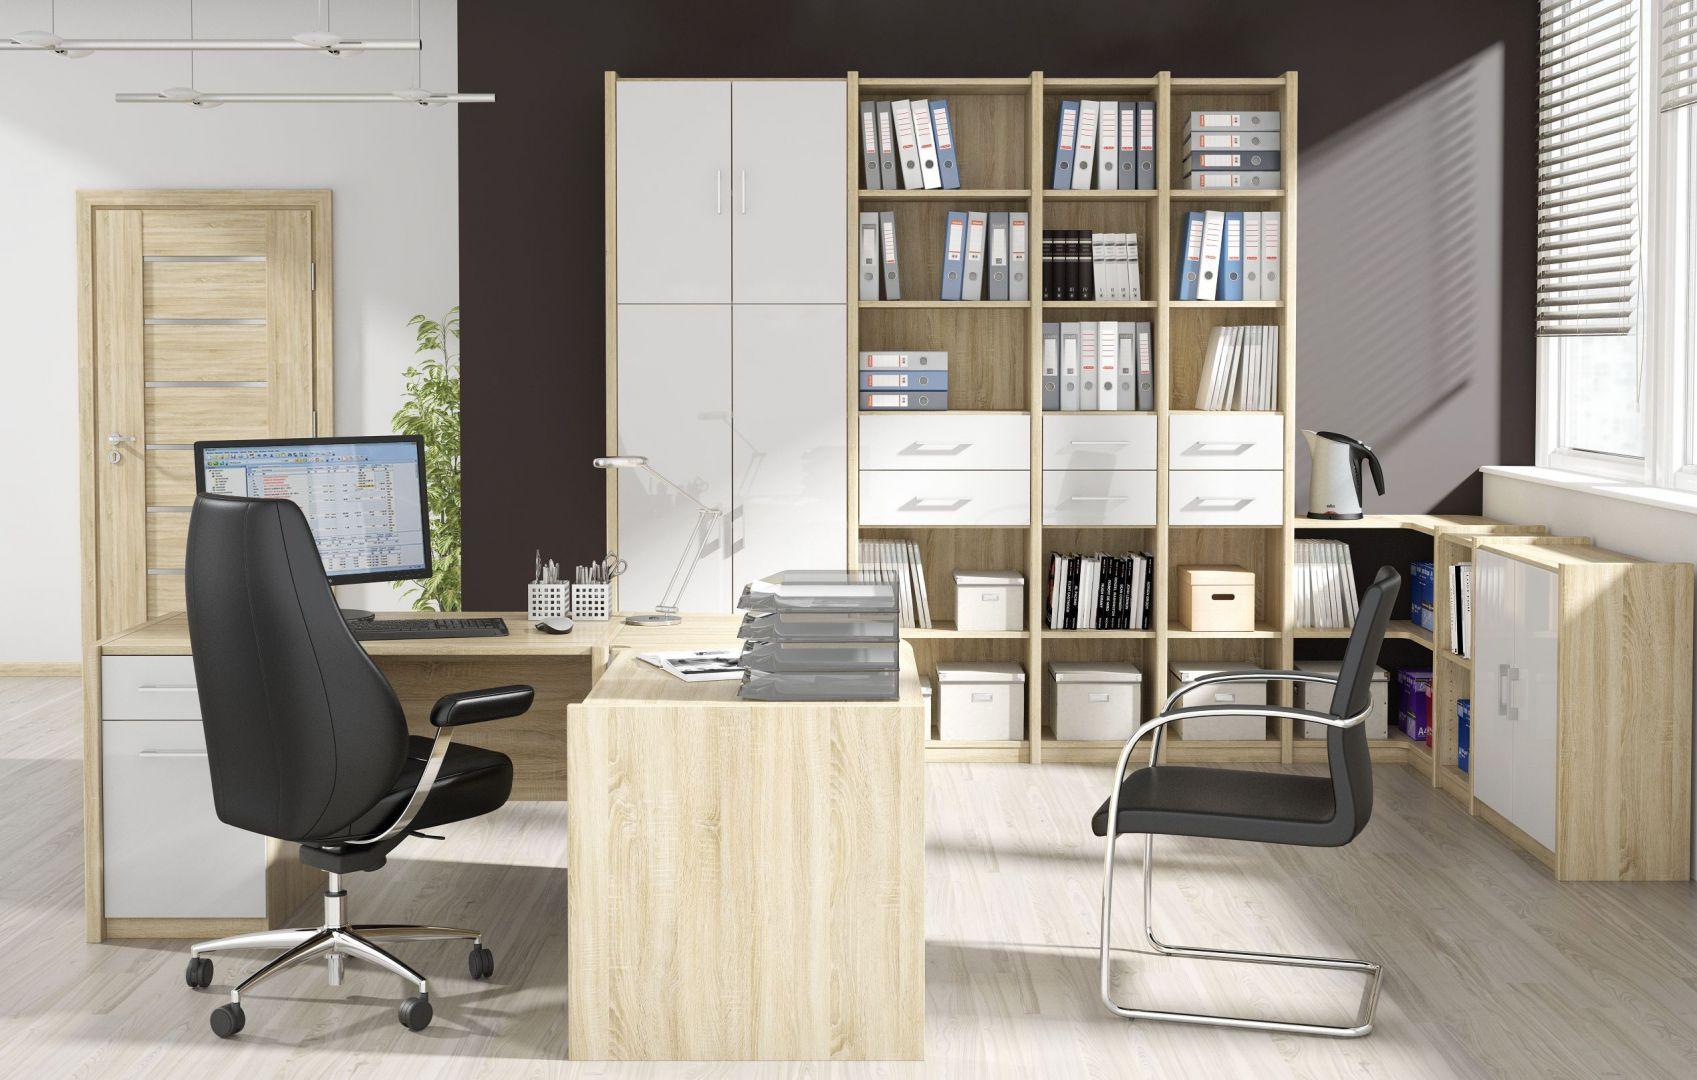 Modułowa kolekcja Nordic. System składa się z wielu elementów, które klient może dowolnie komponować. Fot. FM Bravo